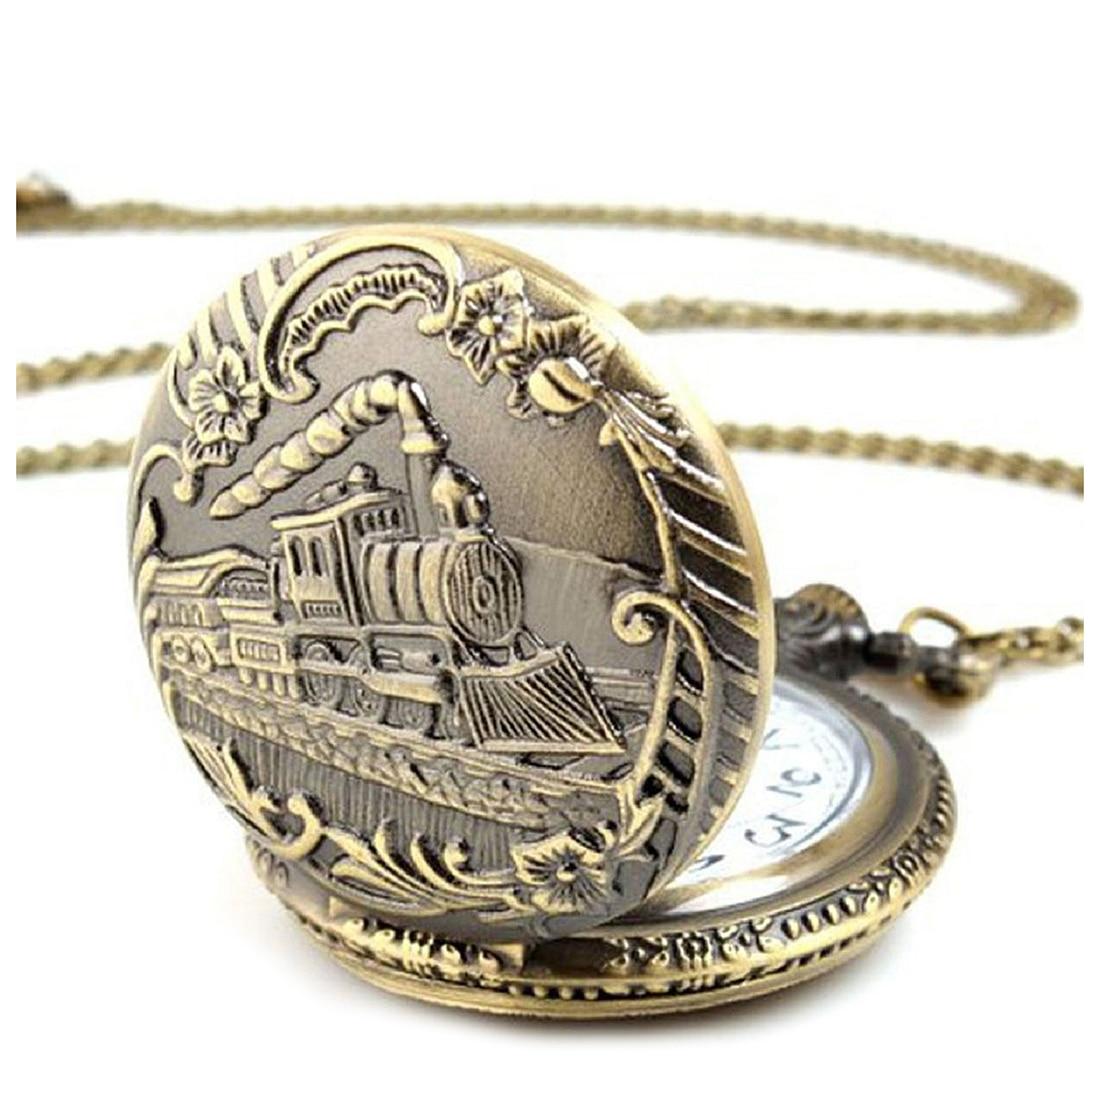 Unisex Antique Vintage Brass Locomotive Chain Pocket Watch Train Bronze